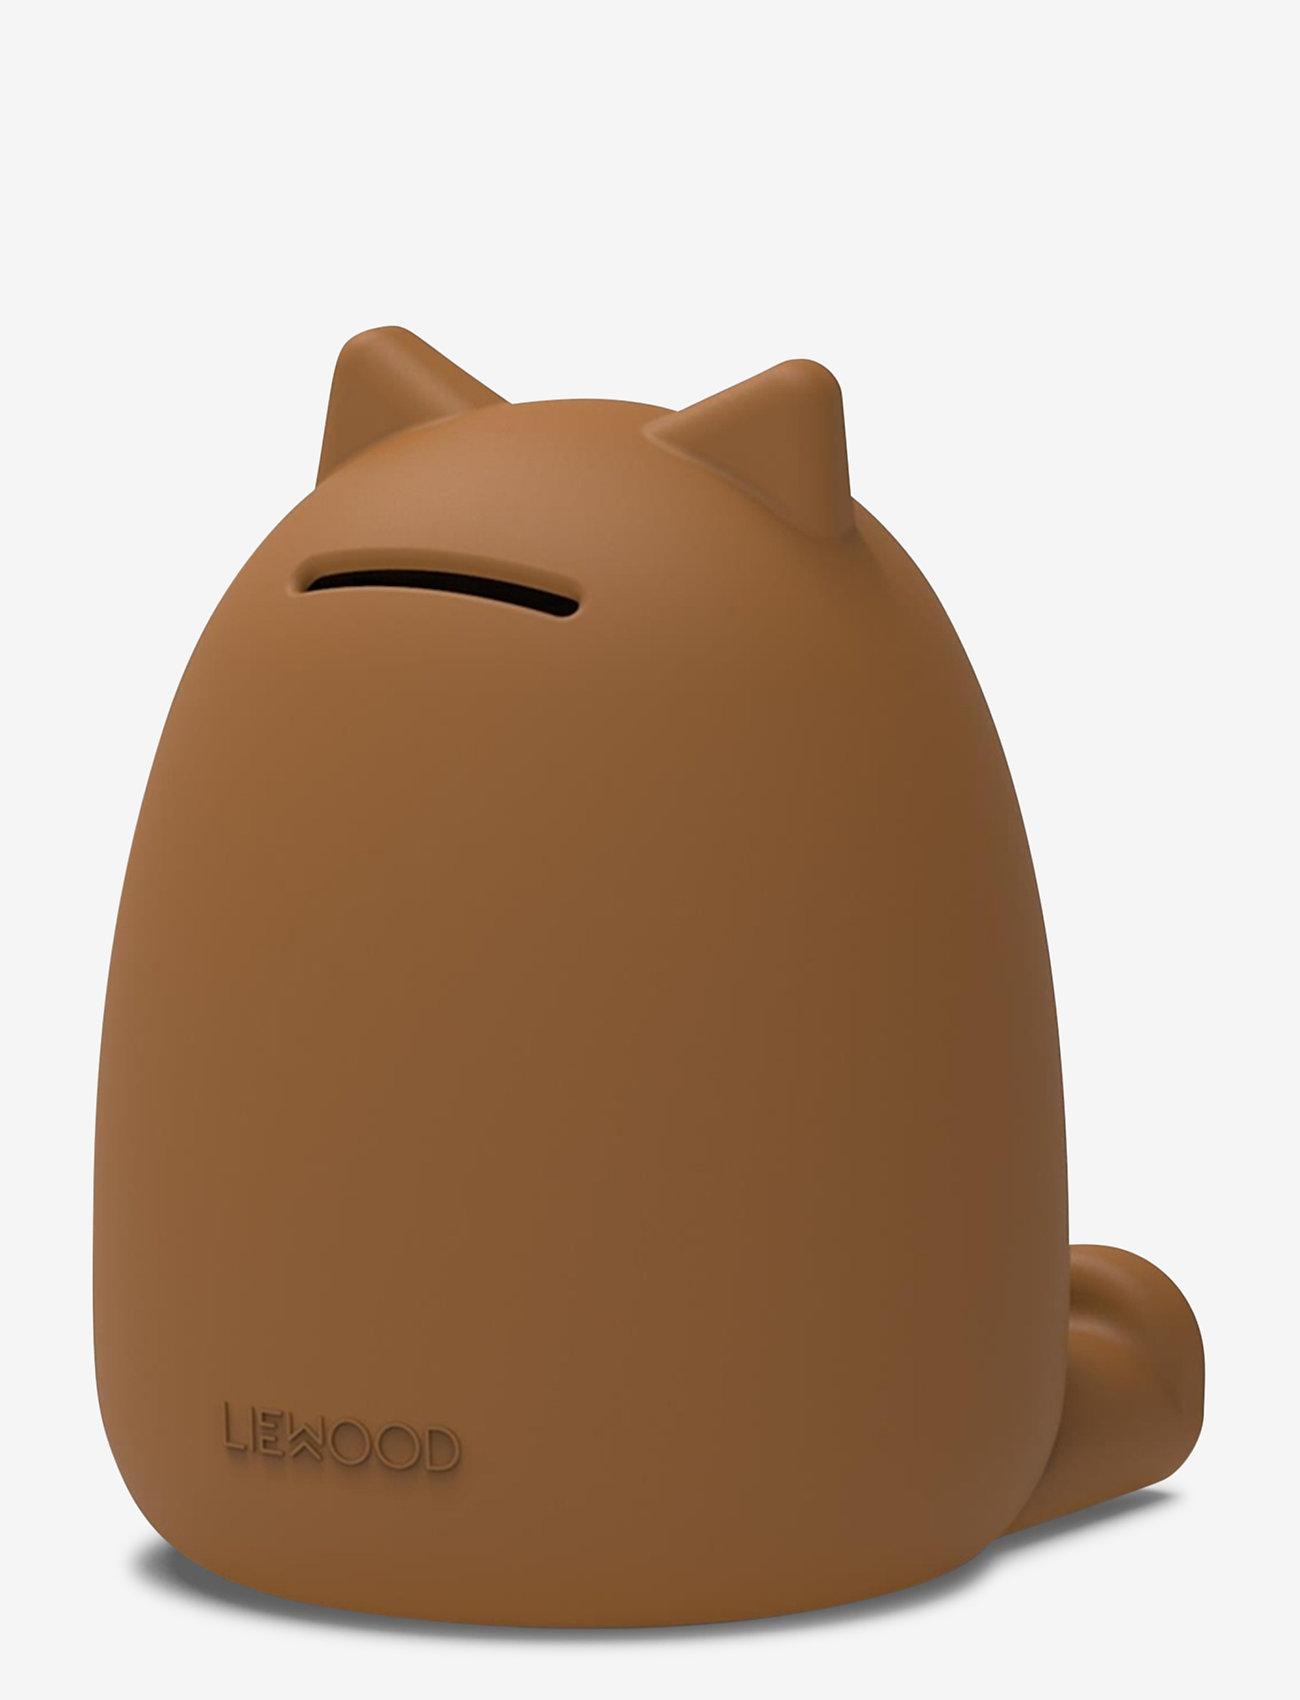 Liewood - Palma money bank - przechowywanie - cat mustard - 1